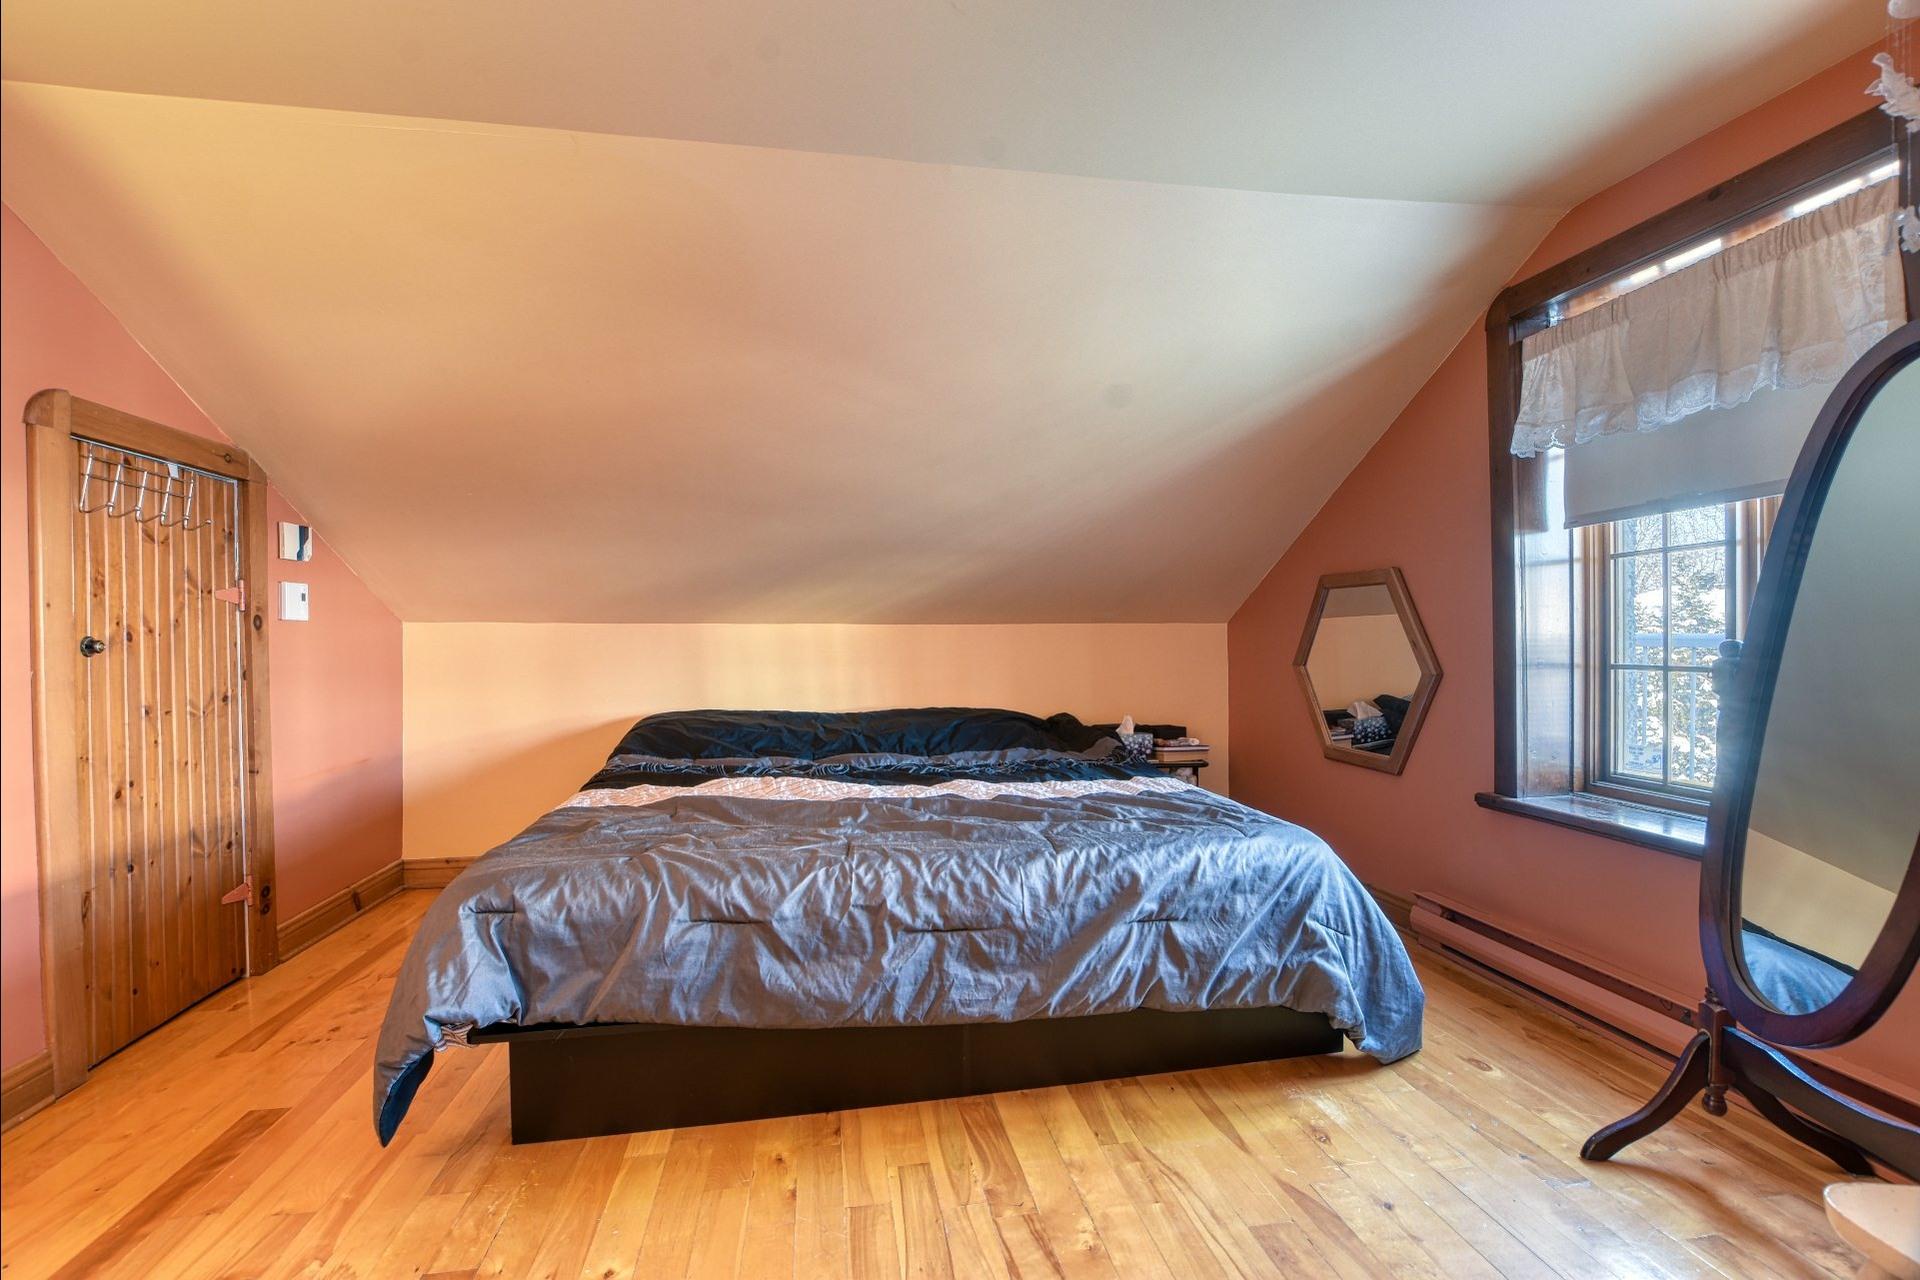 image 15 - Maison À vendre Saint-Laurent Montréal  - 10 pièces